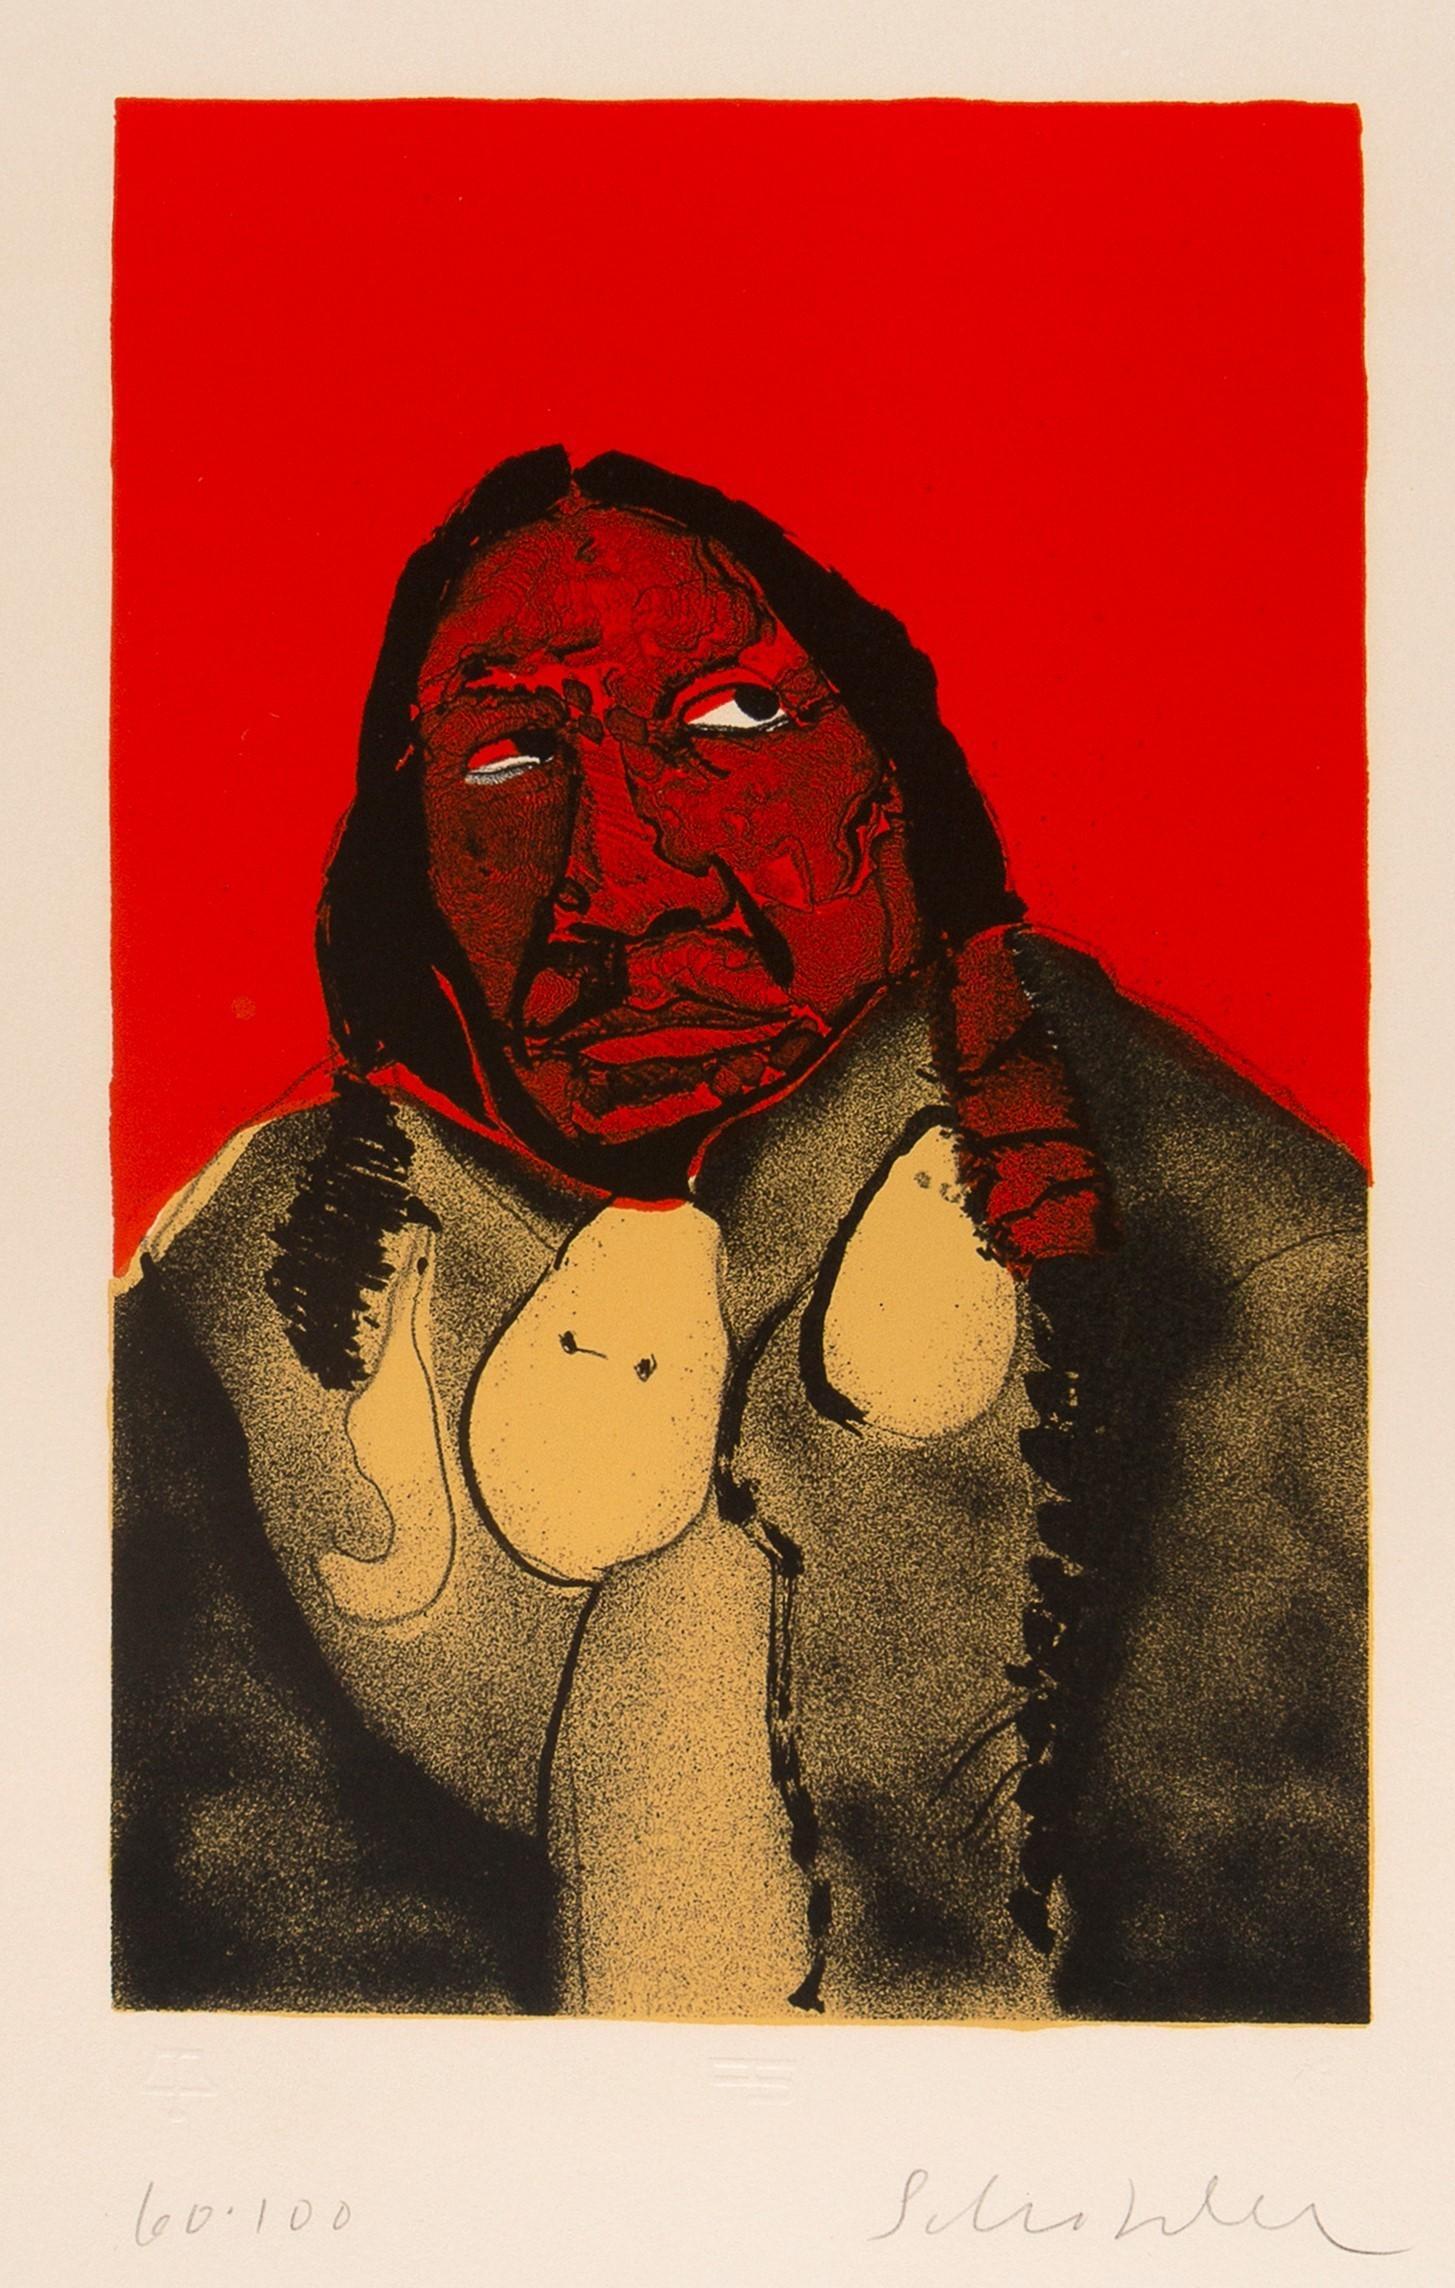 Fritz Scholder, Indian Portrait No. 2 (First State), 1973